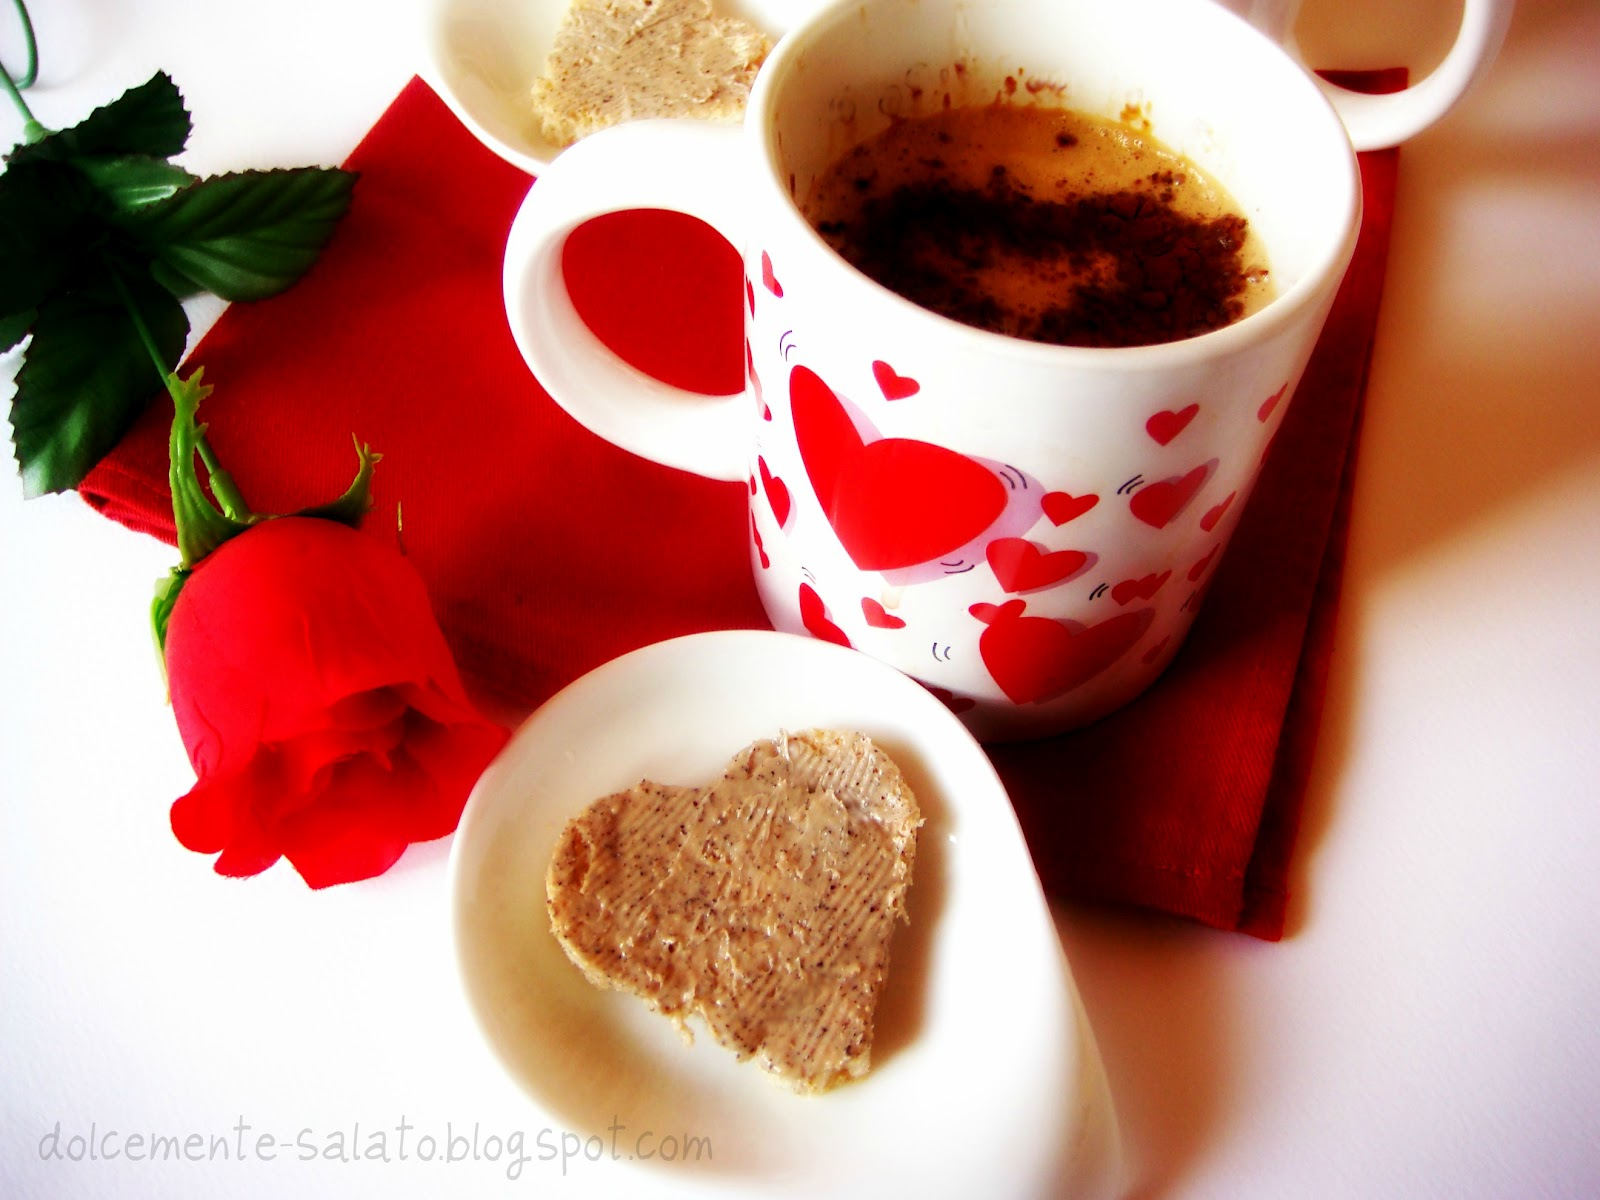 Dolcemente salato dolce colazione - Colazione al letto ...